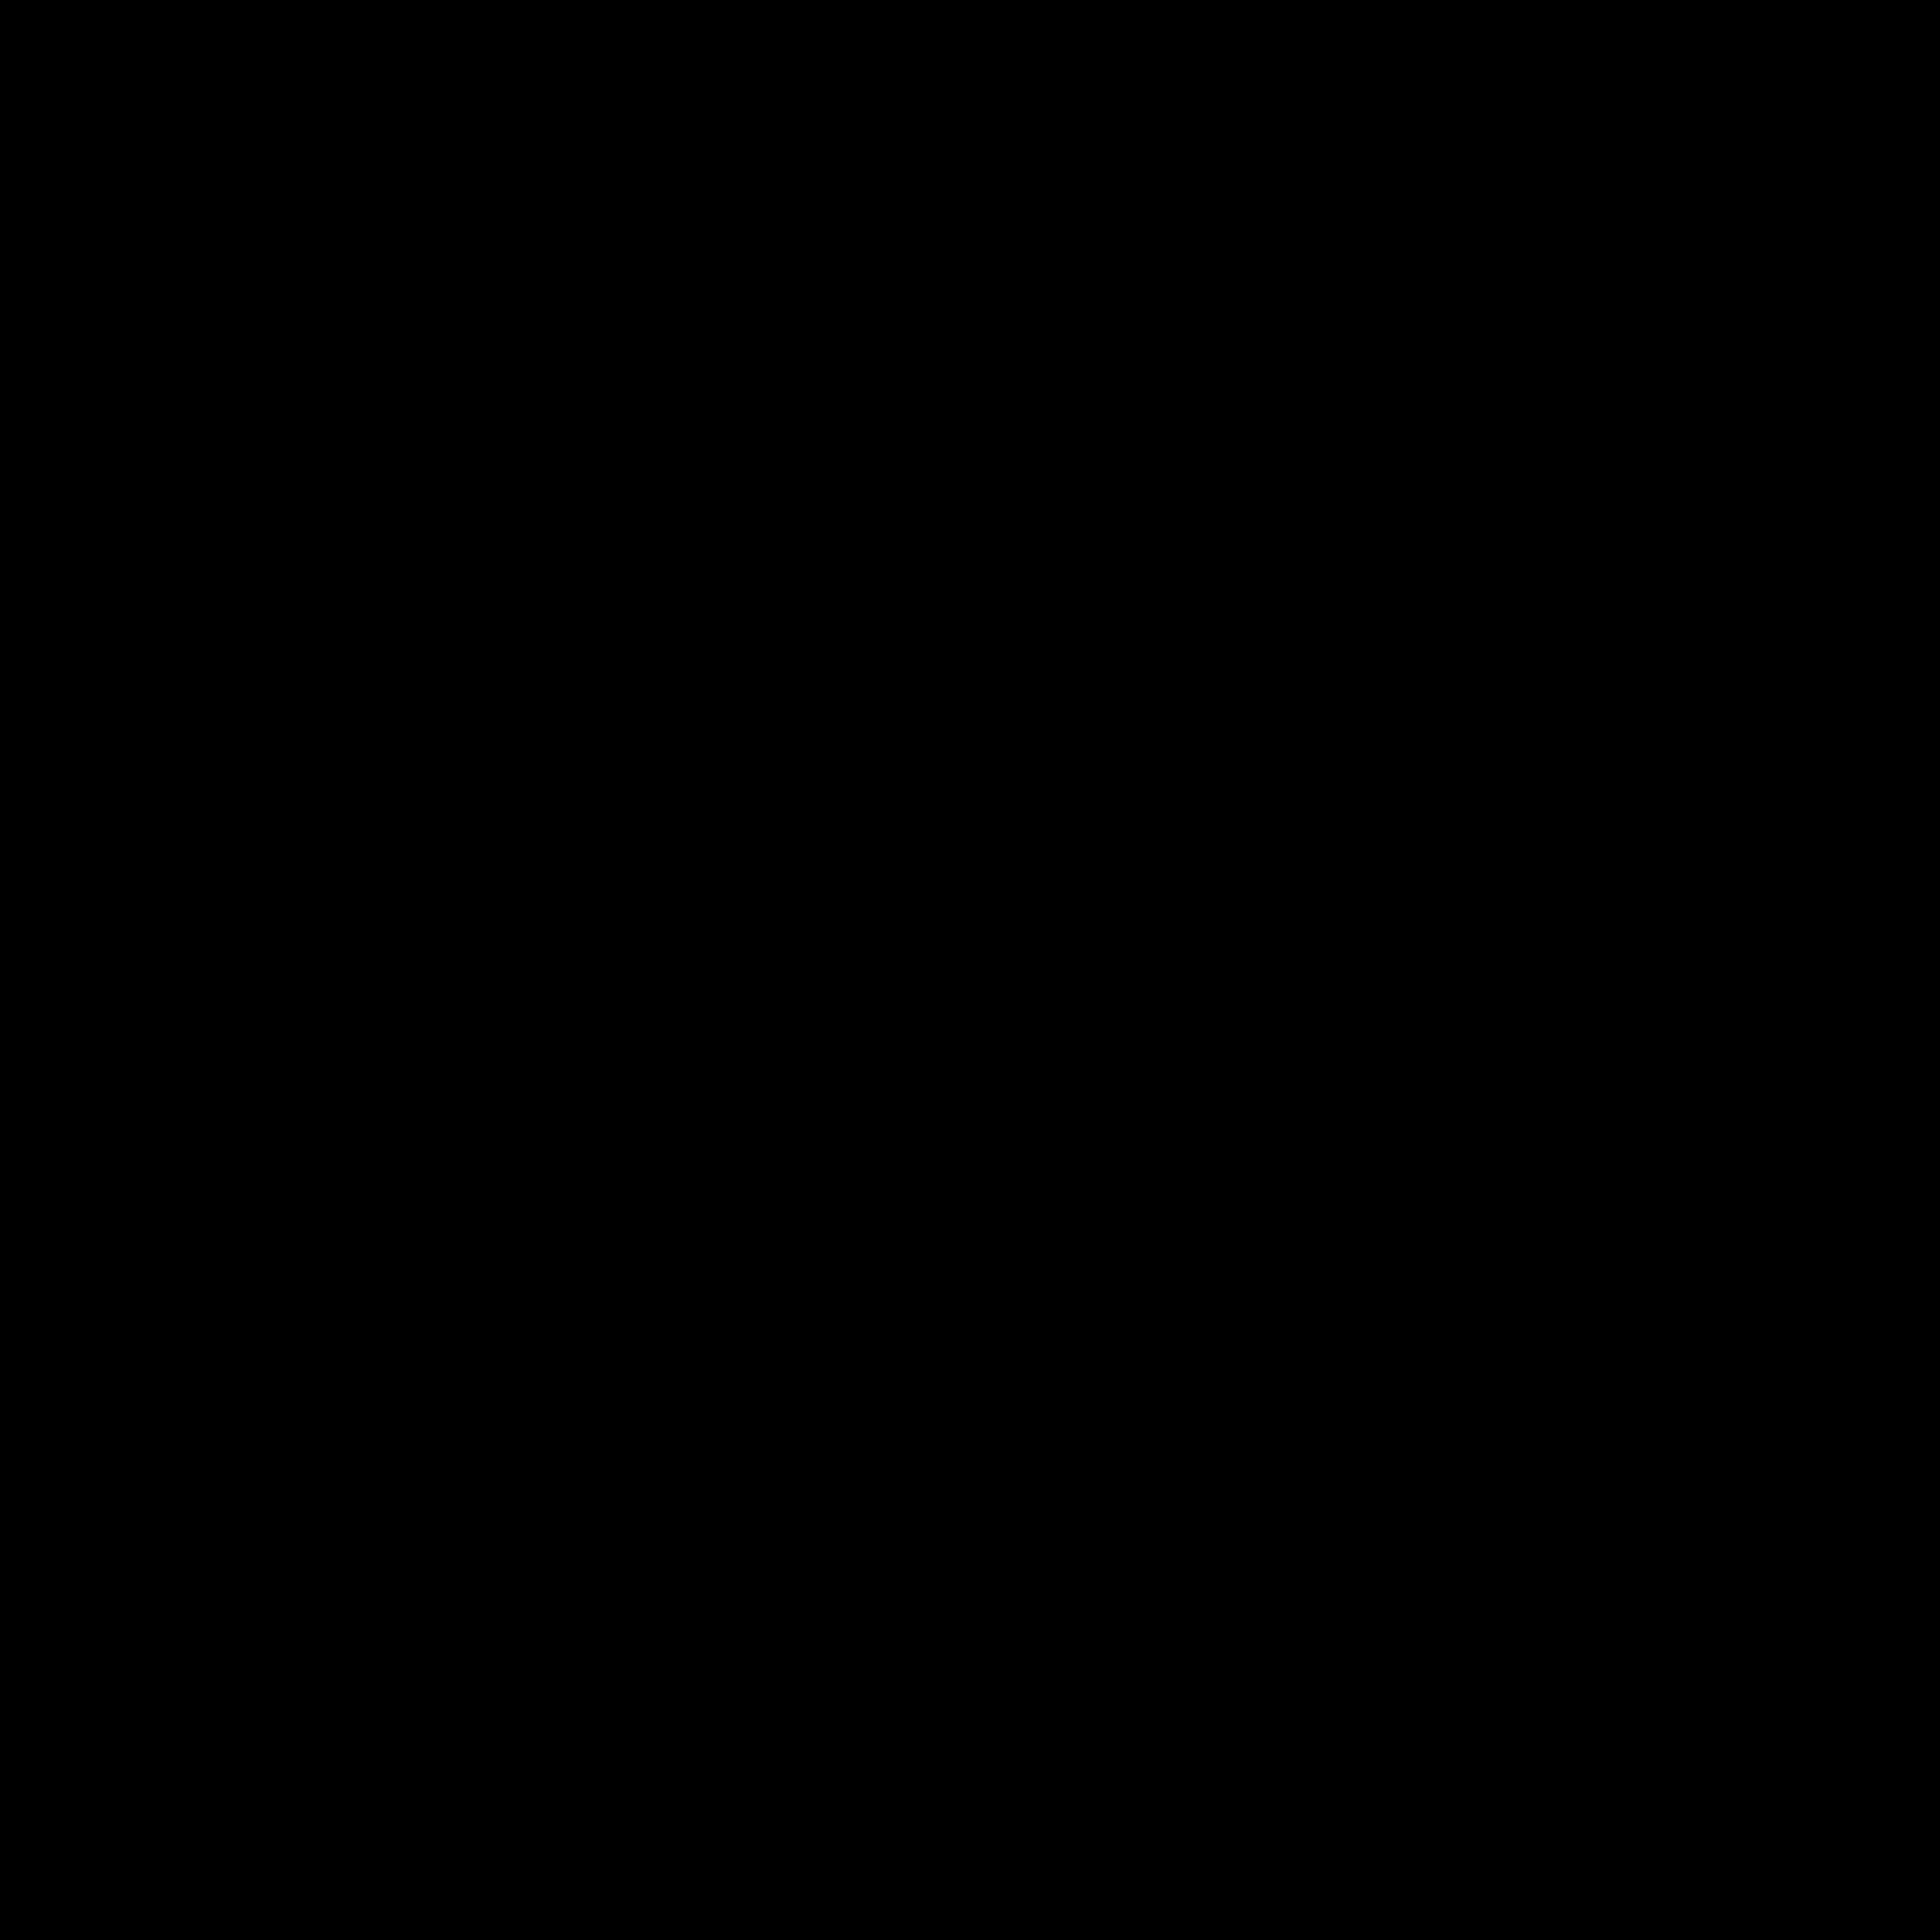 clairol-1208-logo-png-transparent.png